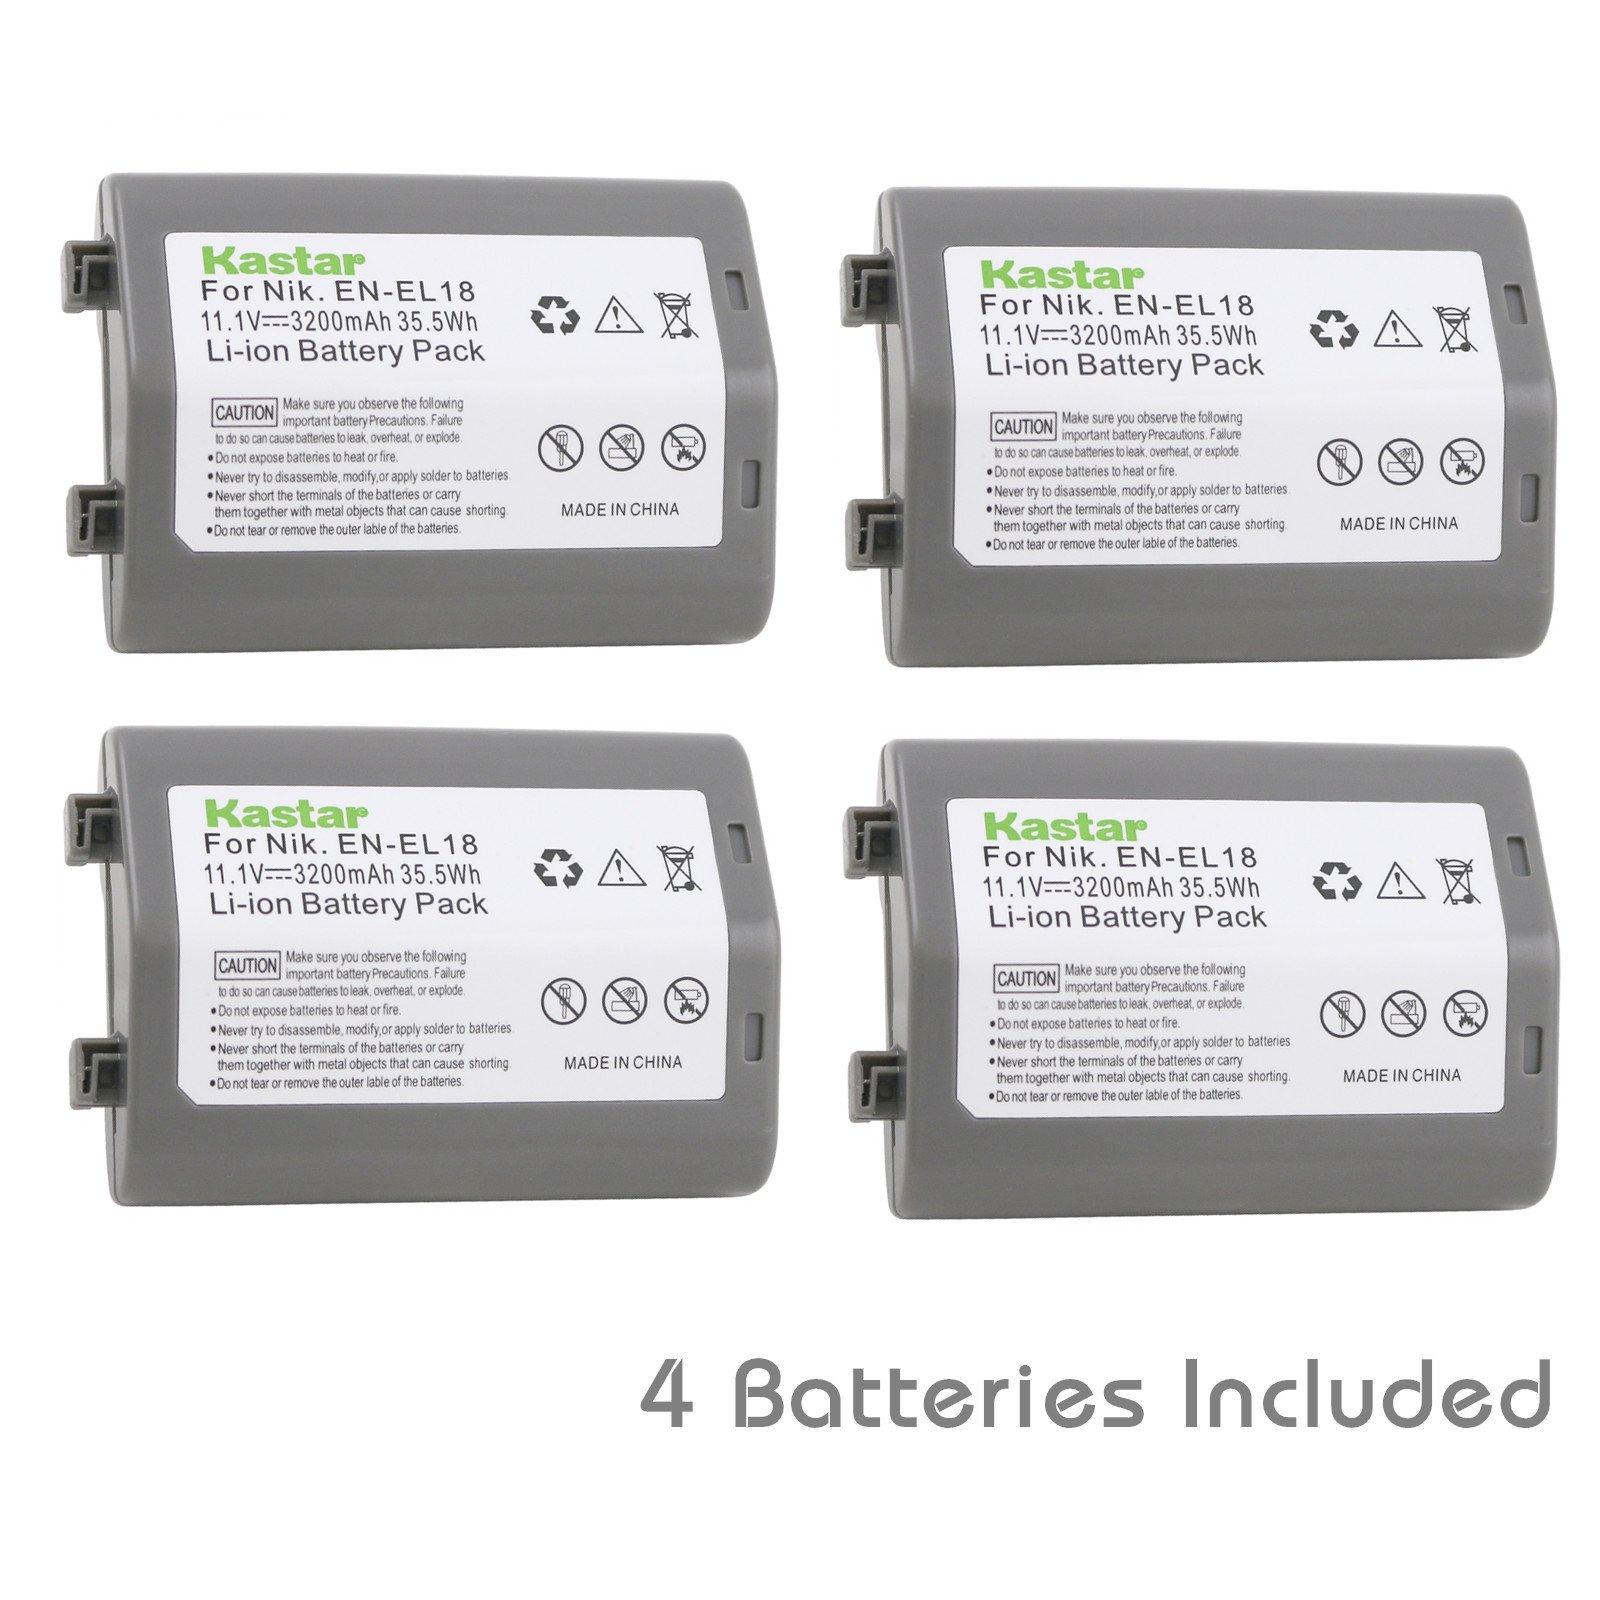 Kastar Battery (4-Pack) for Nikon EN-EL18, EN-EL18a, ENEL18, ENEL18a, MH-26, MH-26a, MH26 and Nikon D4, D4S, D5 Digital SLR Camera, Nikon MB-D12, D800, D800E Battery Grip